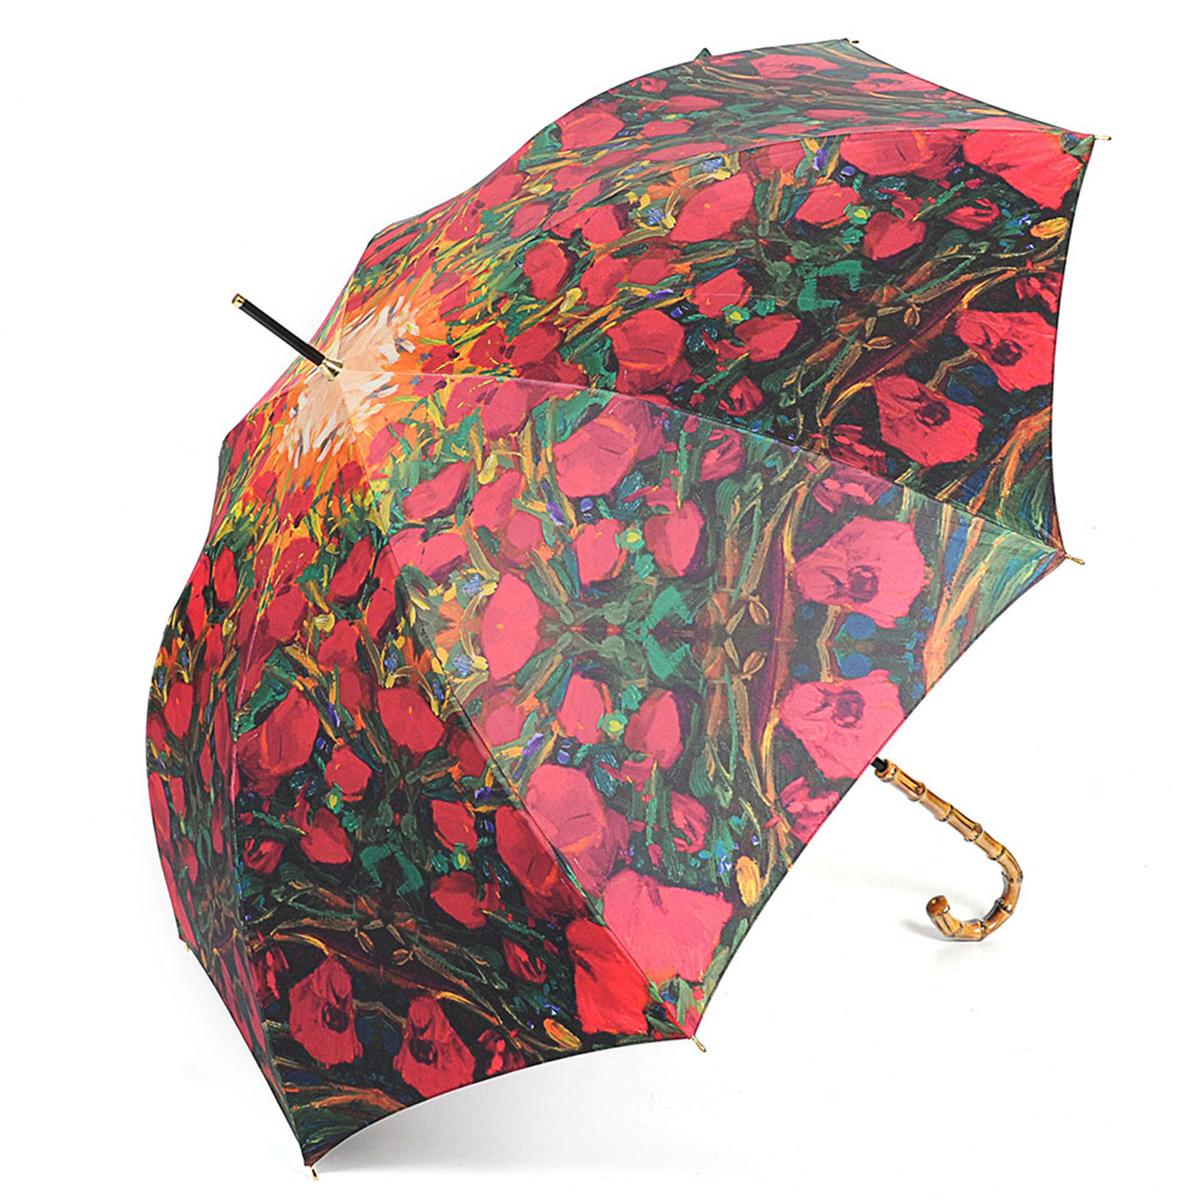 Зонт-трость женский Stilla, цвет: красный, зеленый. 728/2 auto728/2 autoЗонт-трость Stilla надежно защитит вас от дождя. Купол, оформленный оригинальным принтом, выполнен из высококачественного ПВХ, который не пропускает воду. Каркас зонта и спицы выполнены из высококарбонистой стали. Зонт имеет автоматический тип сложения: открывается и закрывается при нажатии на кнопку. Удобная ручка выполнена из пластика.